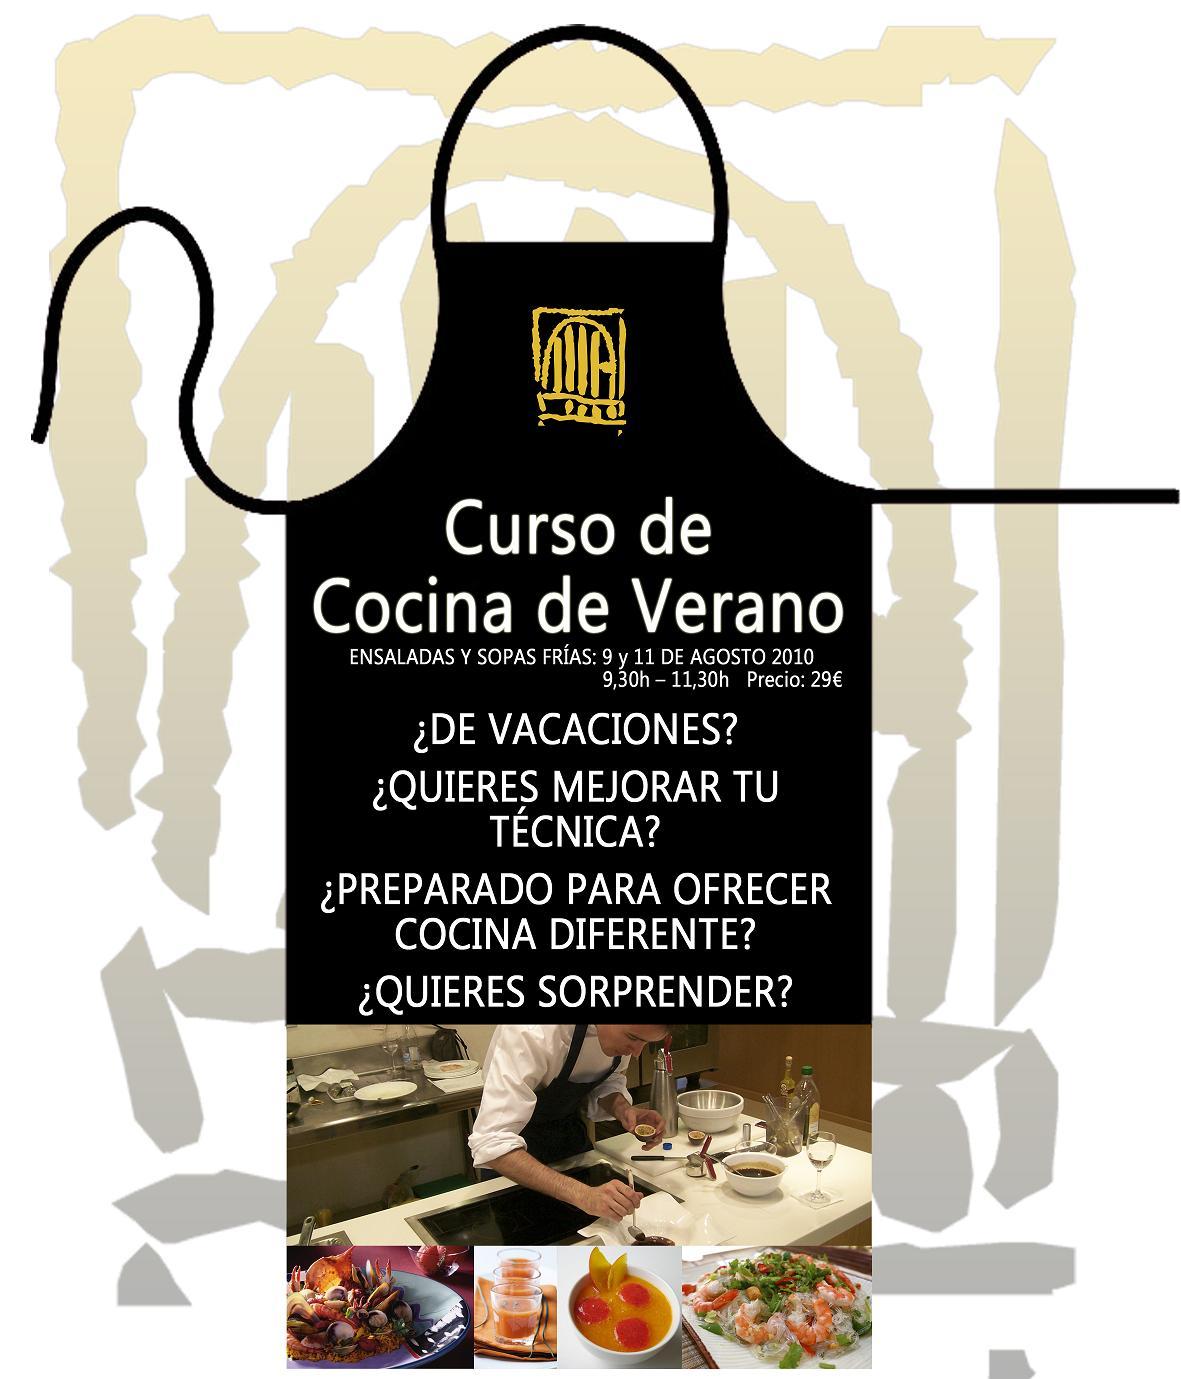 La cancela restaurante de juan luis buitrago for Cursos de cocina en pamplona